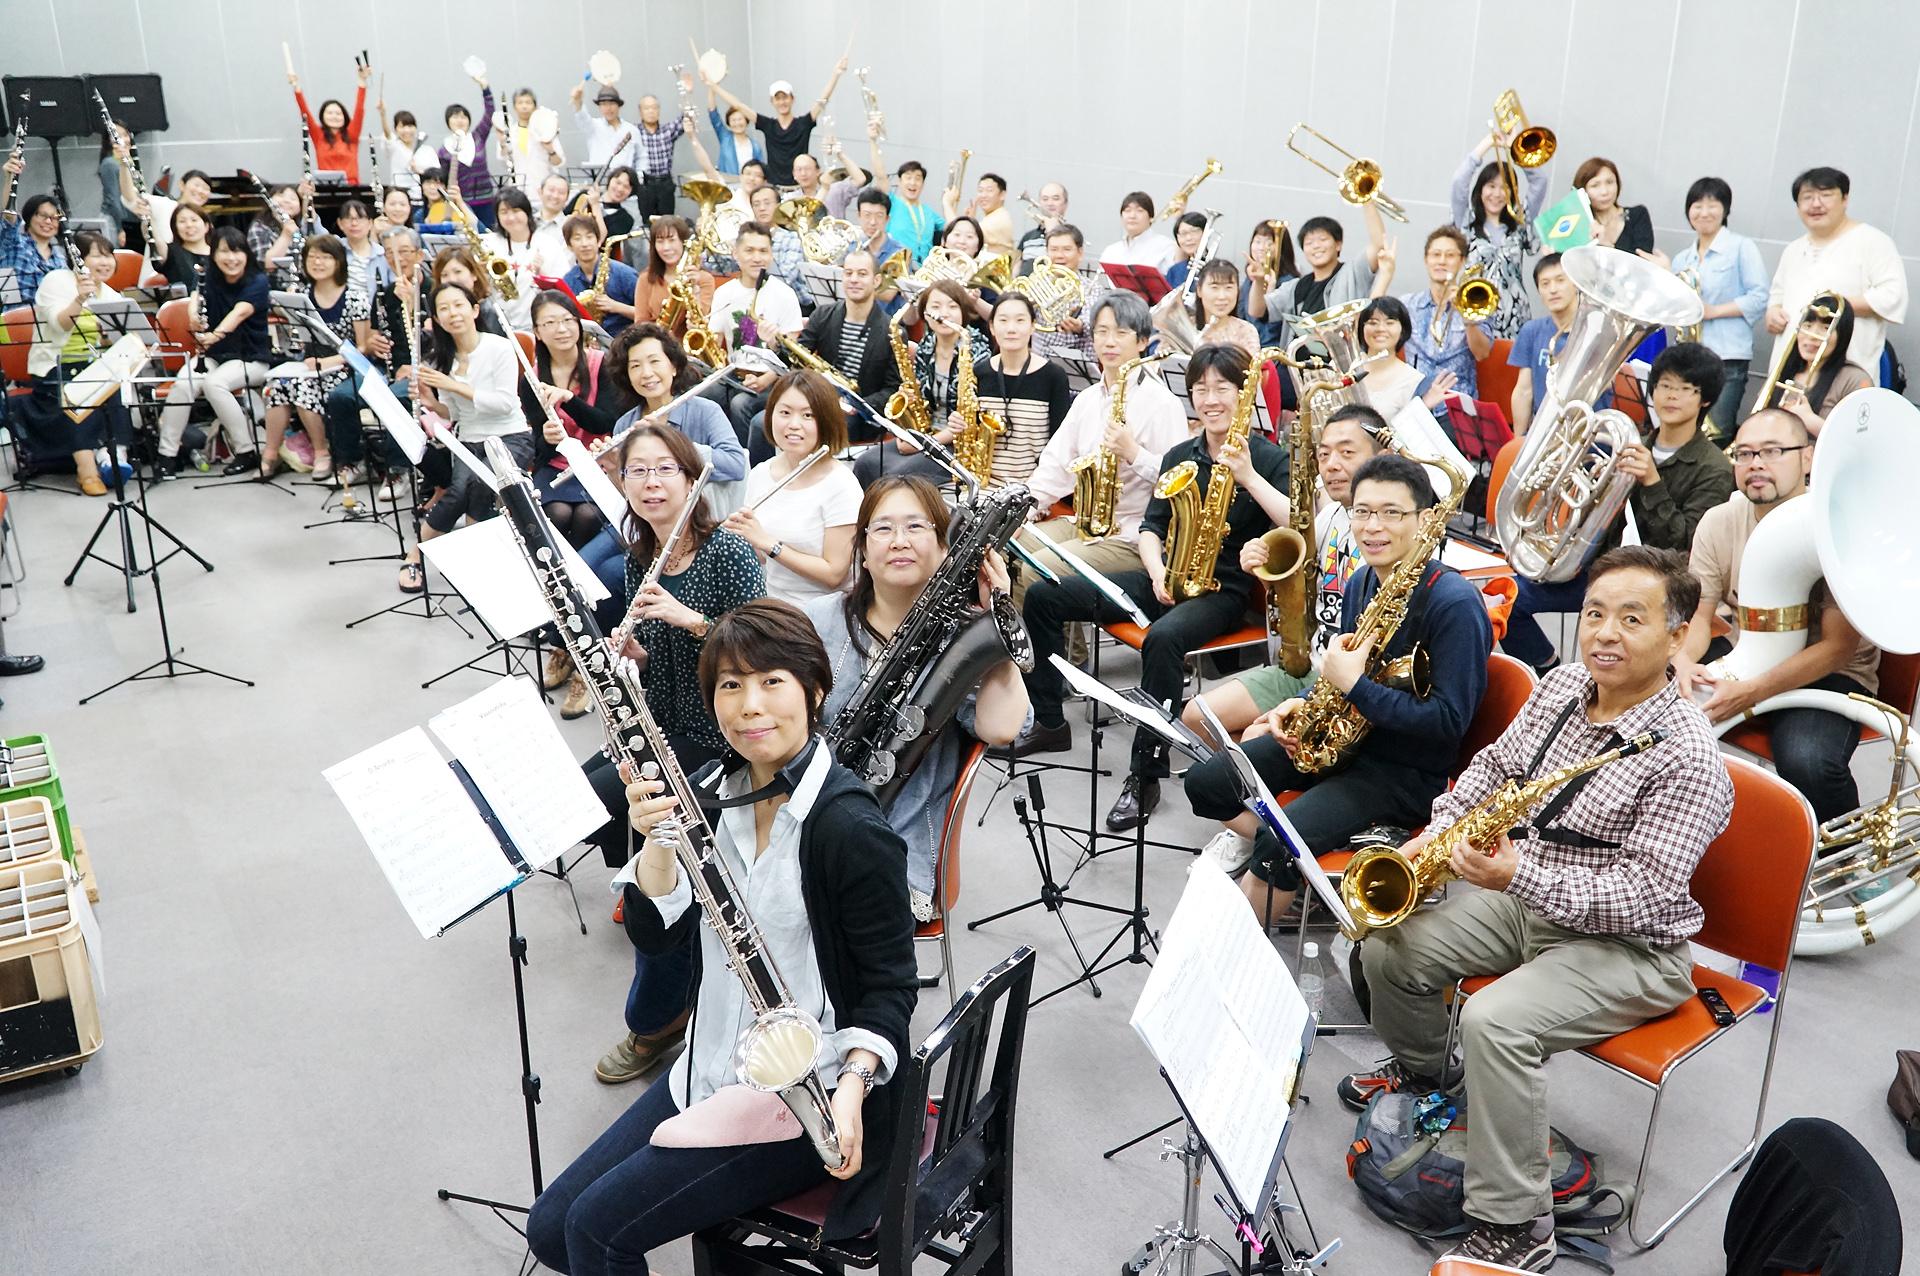 一般公募の吹奏楽団のステージにも注目!|大田区文化振興協会